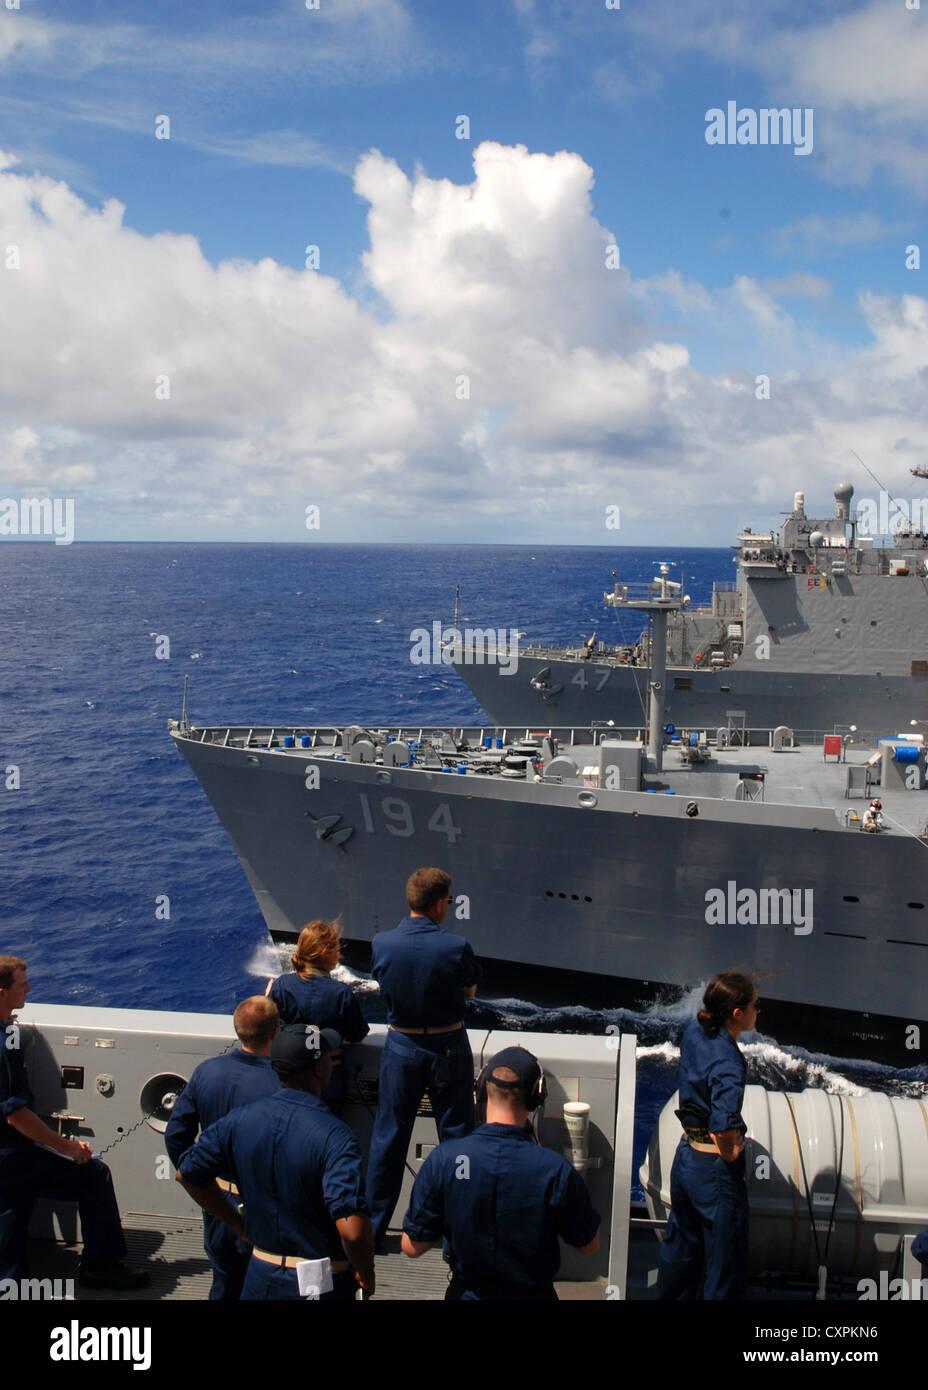 Dock buque anfibio de transporte uss Green Bay (lpd 20) vaporiza junto con lubricador de reposición de flota usns john ericksson (t-ao-194)y anfibio aterrizaje dock buque USS rushmore (lsd 47) durante una marcha reposición. Green Bay es parte de peleliu Amphibious Ready Group en curso sobre una implementación con el buque de asalto anfibio uss peleliu (lha 5) y Rushmore. Foto de stock